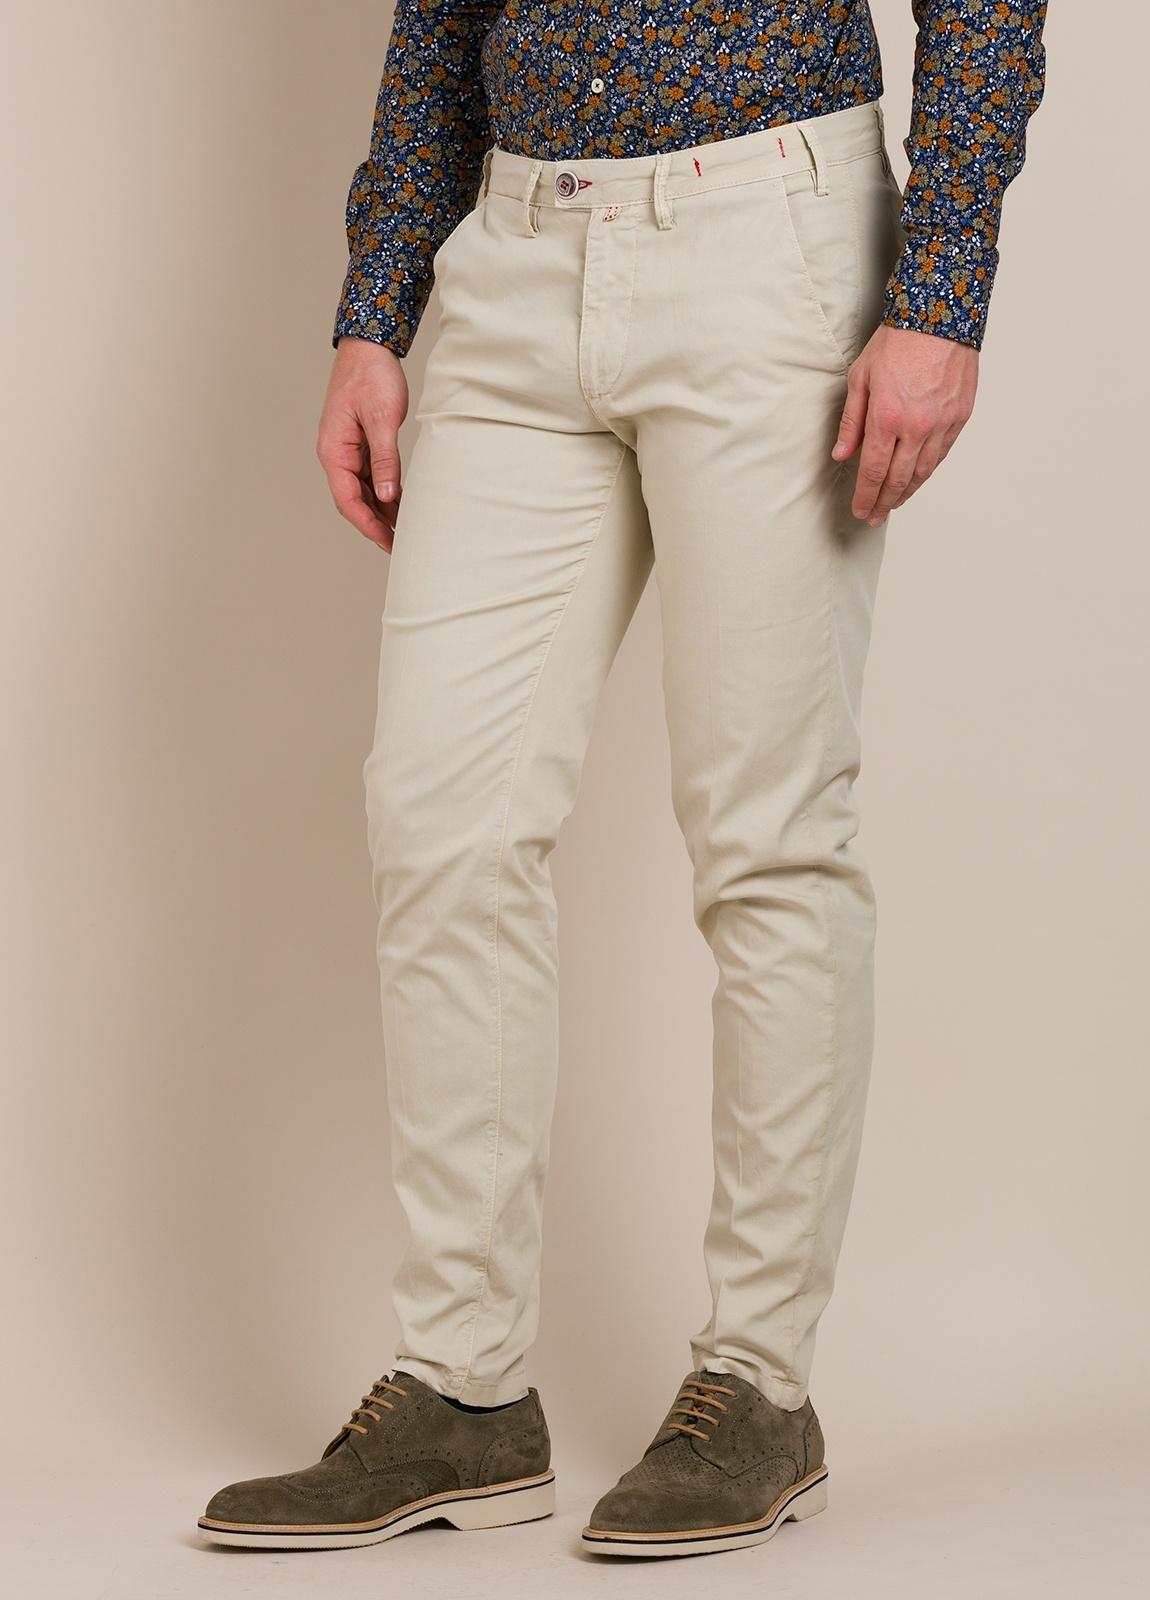 Pantalón chino BARONIO beige - Ítem1